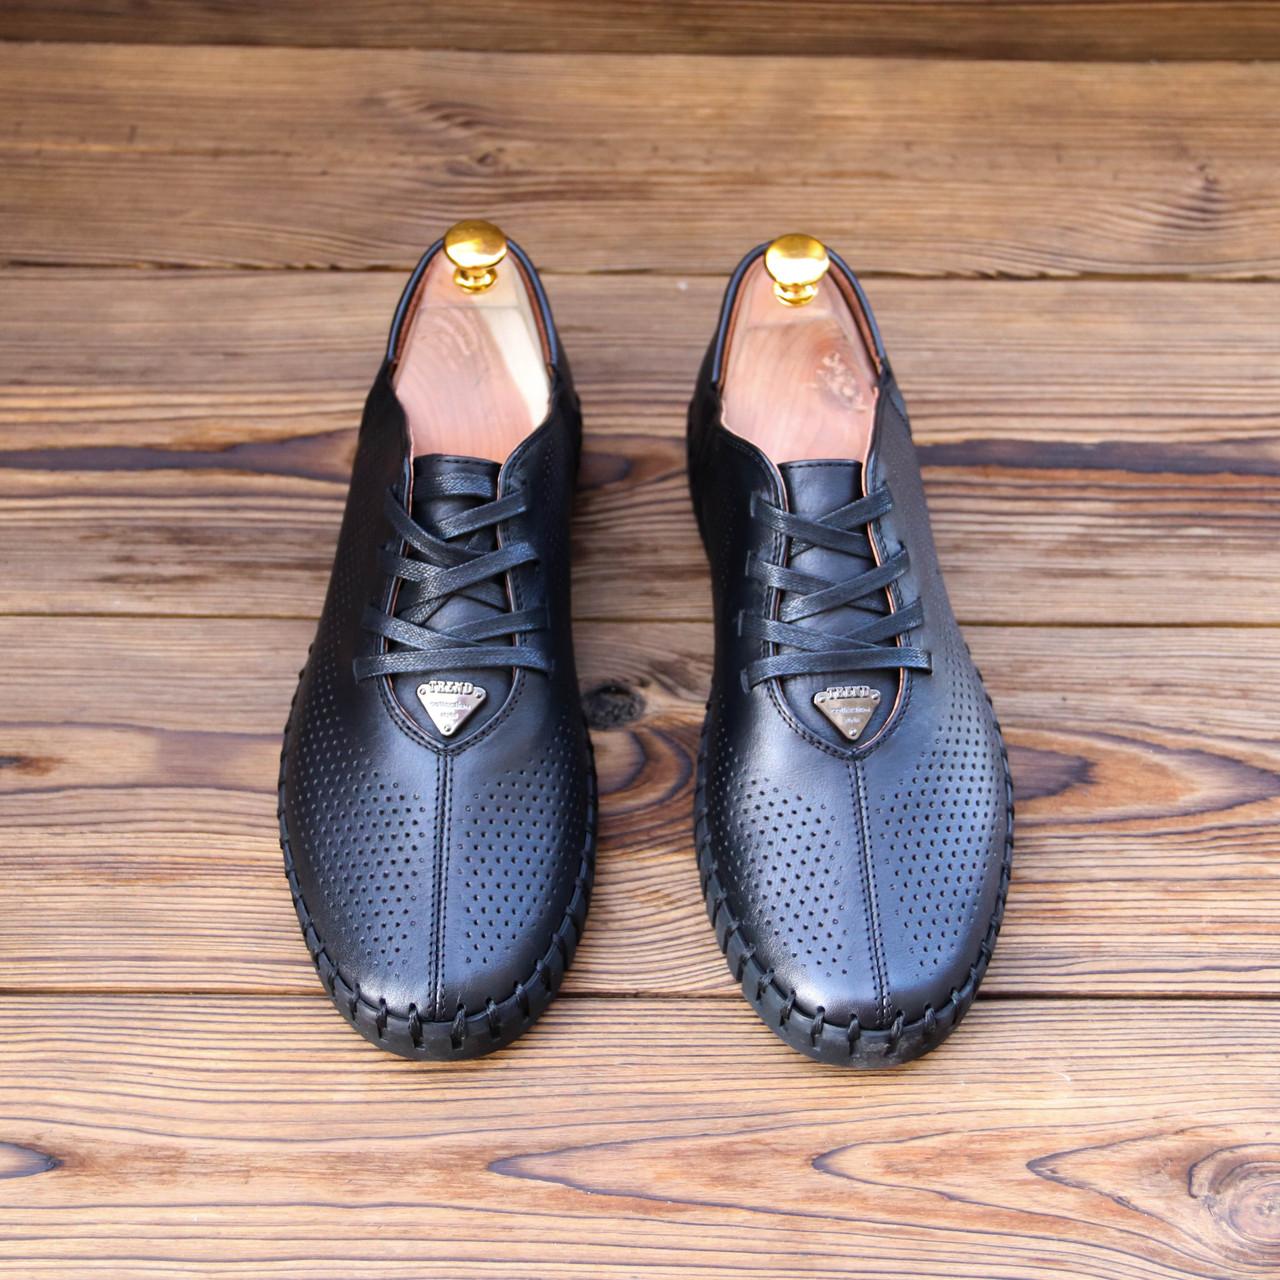 Германские мужские мокасины Prime Shoes 40,41,42,43 размеры мужские туфли.